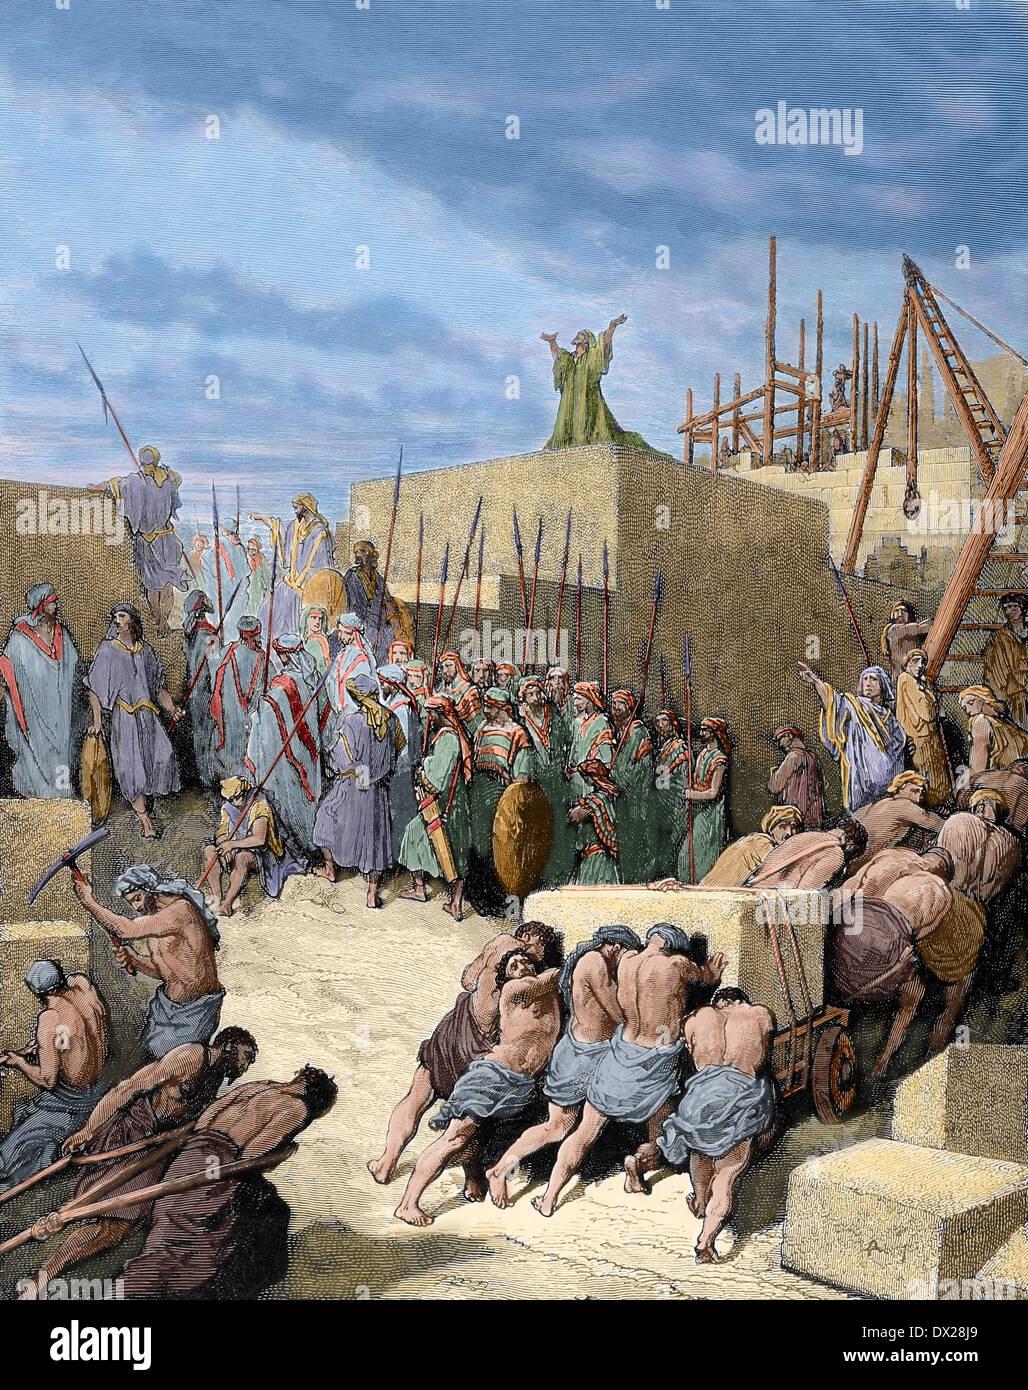 Alten Testament. Rückkehr aus dem babylonischen Exil. Wiederaufbau des Tempels. Buch Esra. Gravur. Farbige. Stockbild